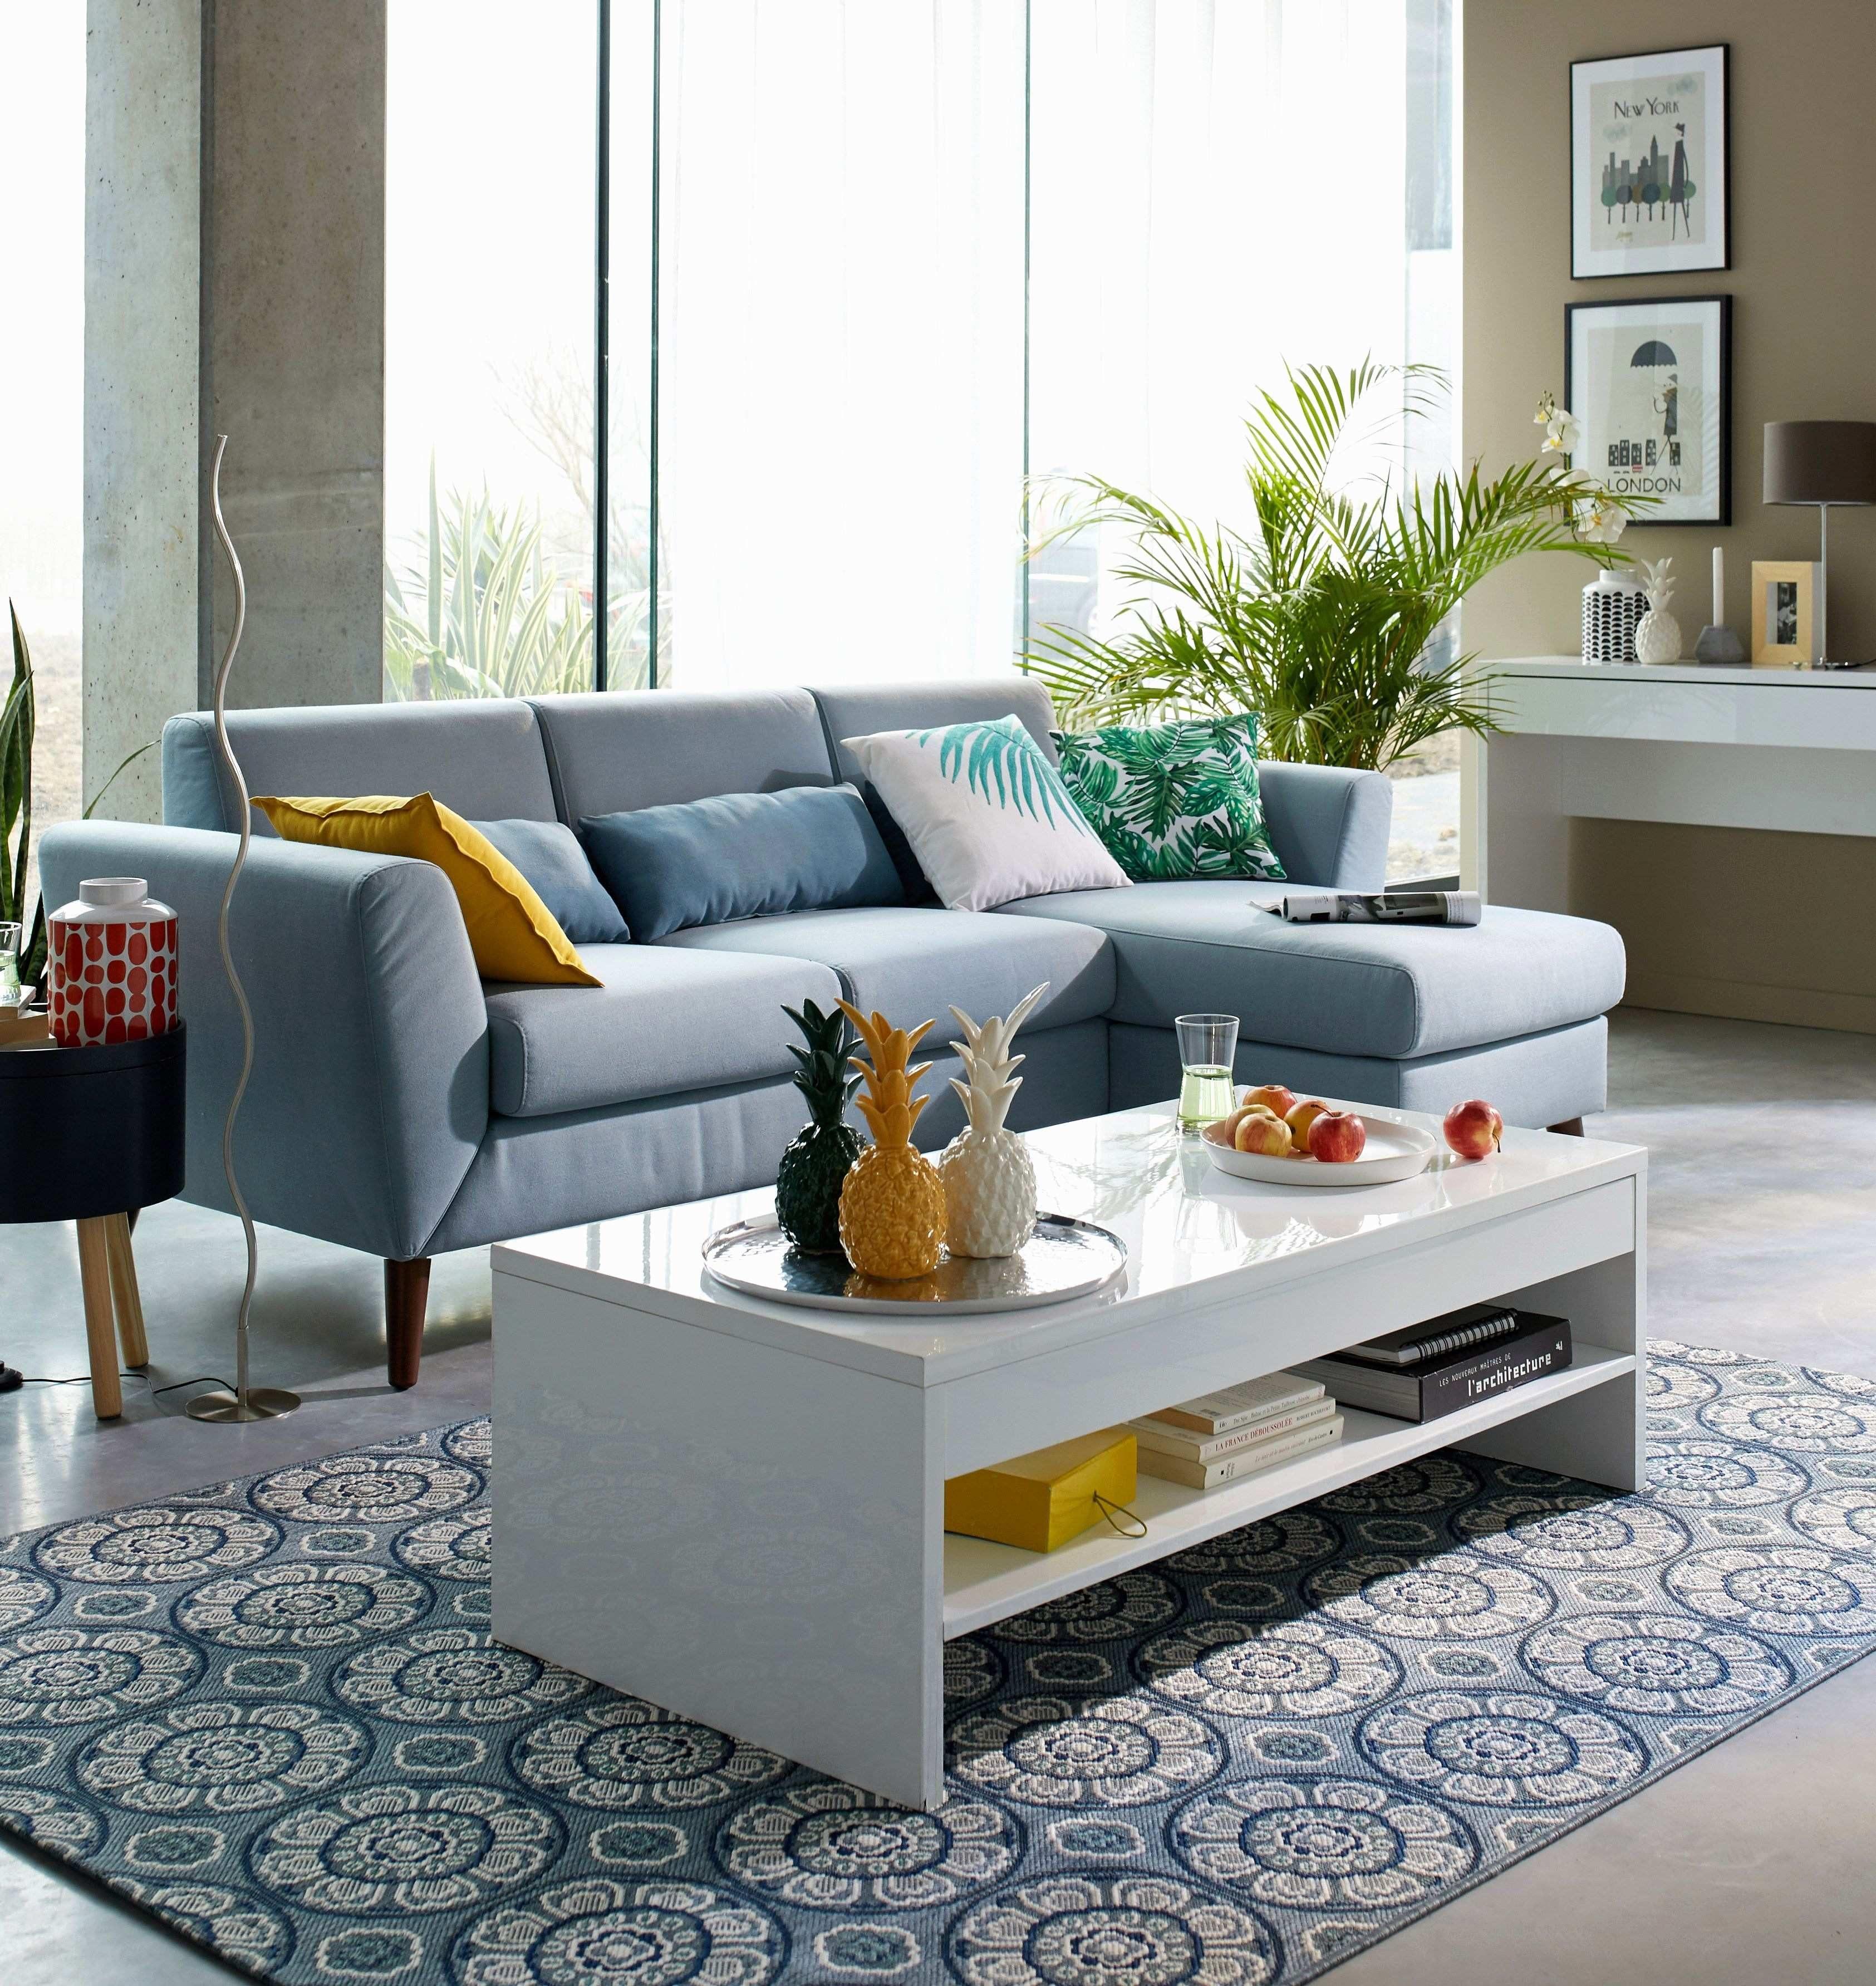 Lit Banquette Ikea De Luxe Fauteuil Design Ikea Délicieuse S Fauteuil Lit 2 Places